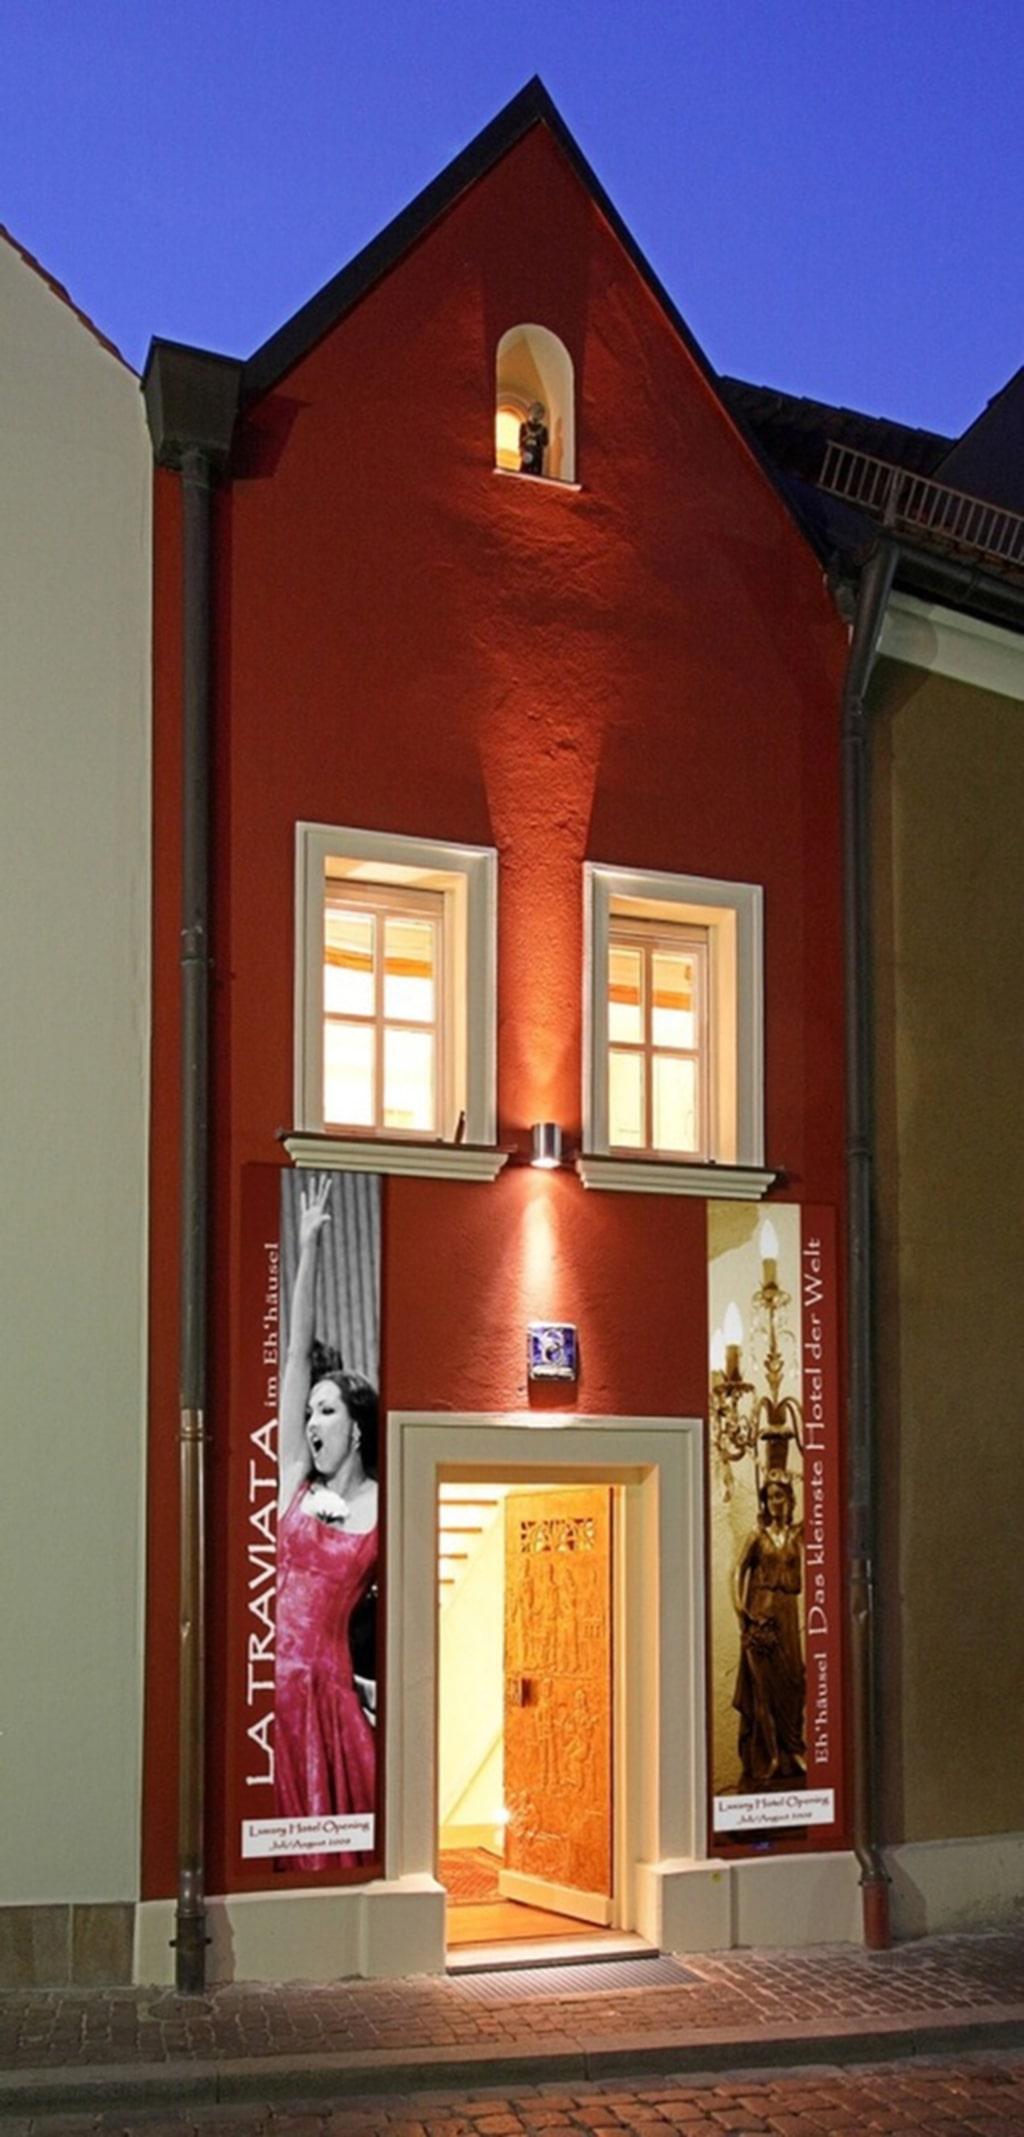 <p>Världens mista hotell ligger i Tyskland och är bara 53 kvadratmeter stort.</p>